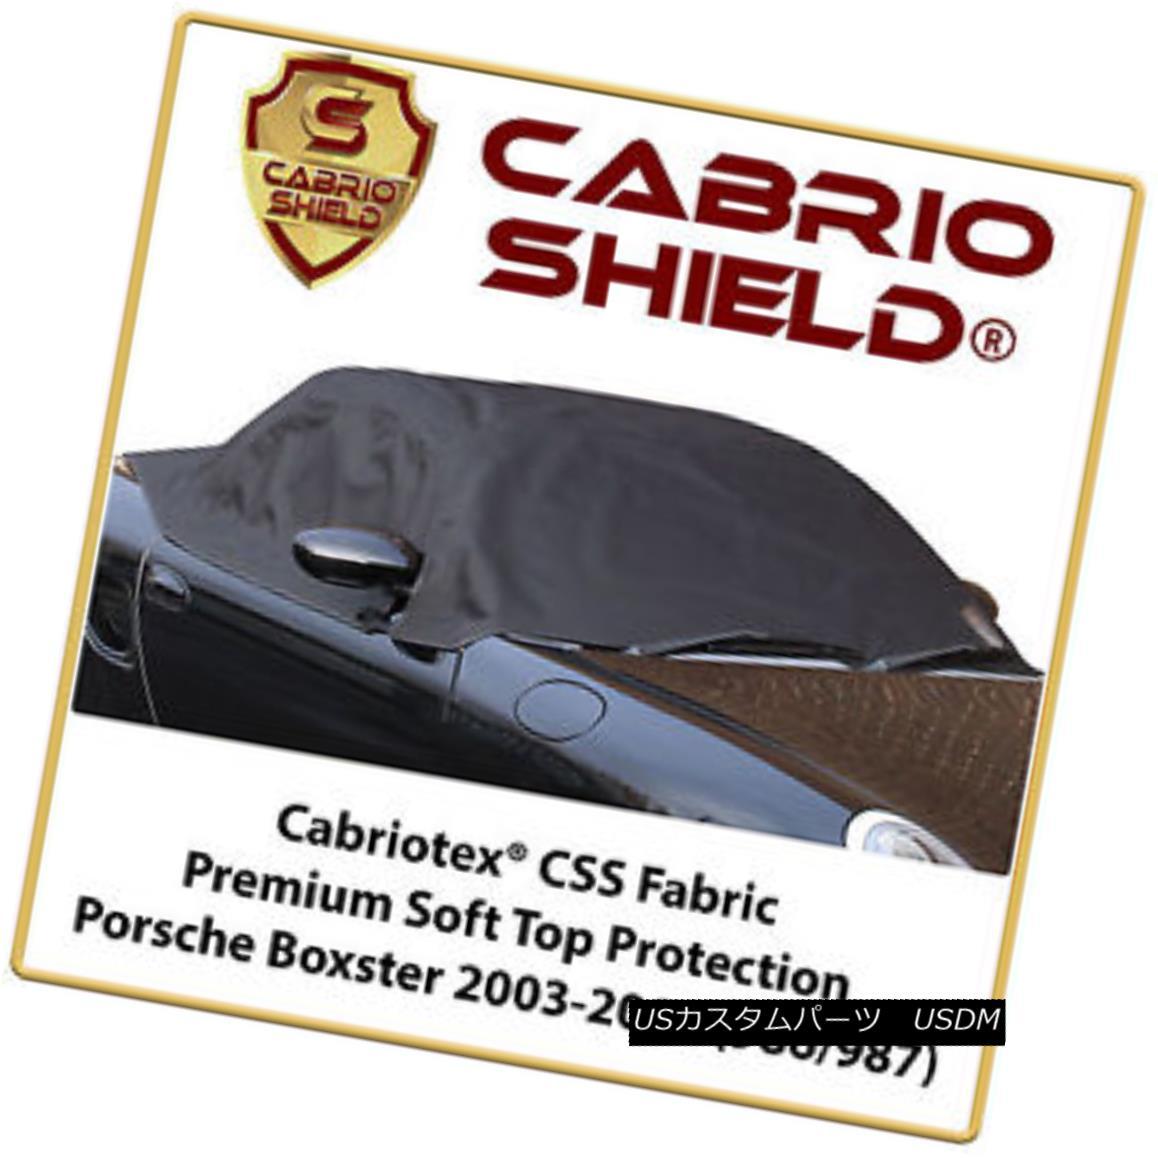 幌・ソフトトップ Porsche Boxster Soft Top Protection Premium Cabrio Shield 2003-2012 (986 & 987) ポルシェボクスターソフトトッププロテクタープレミアムカブリオシールド2003-2012(986&987)